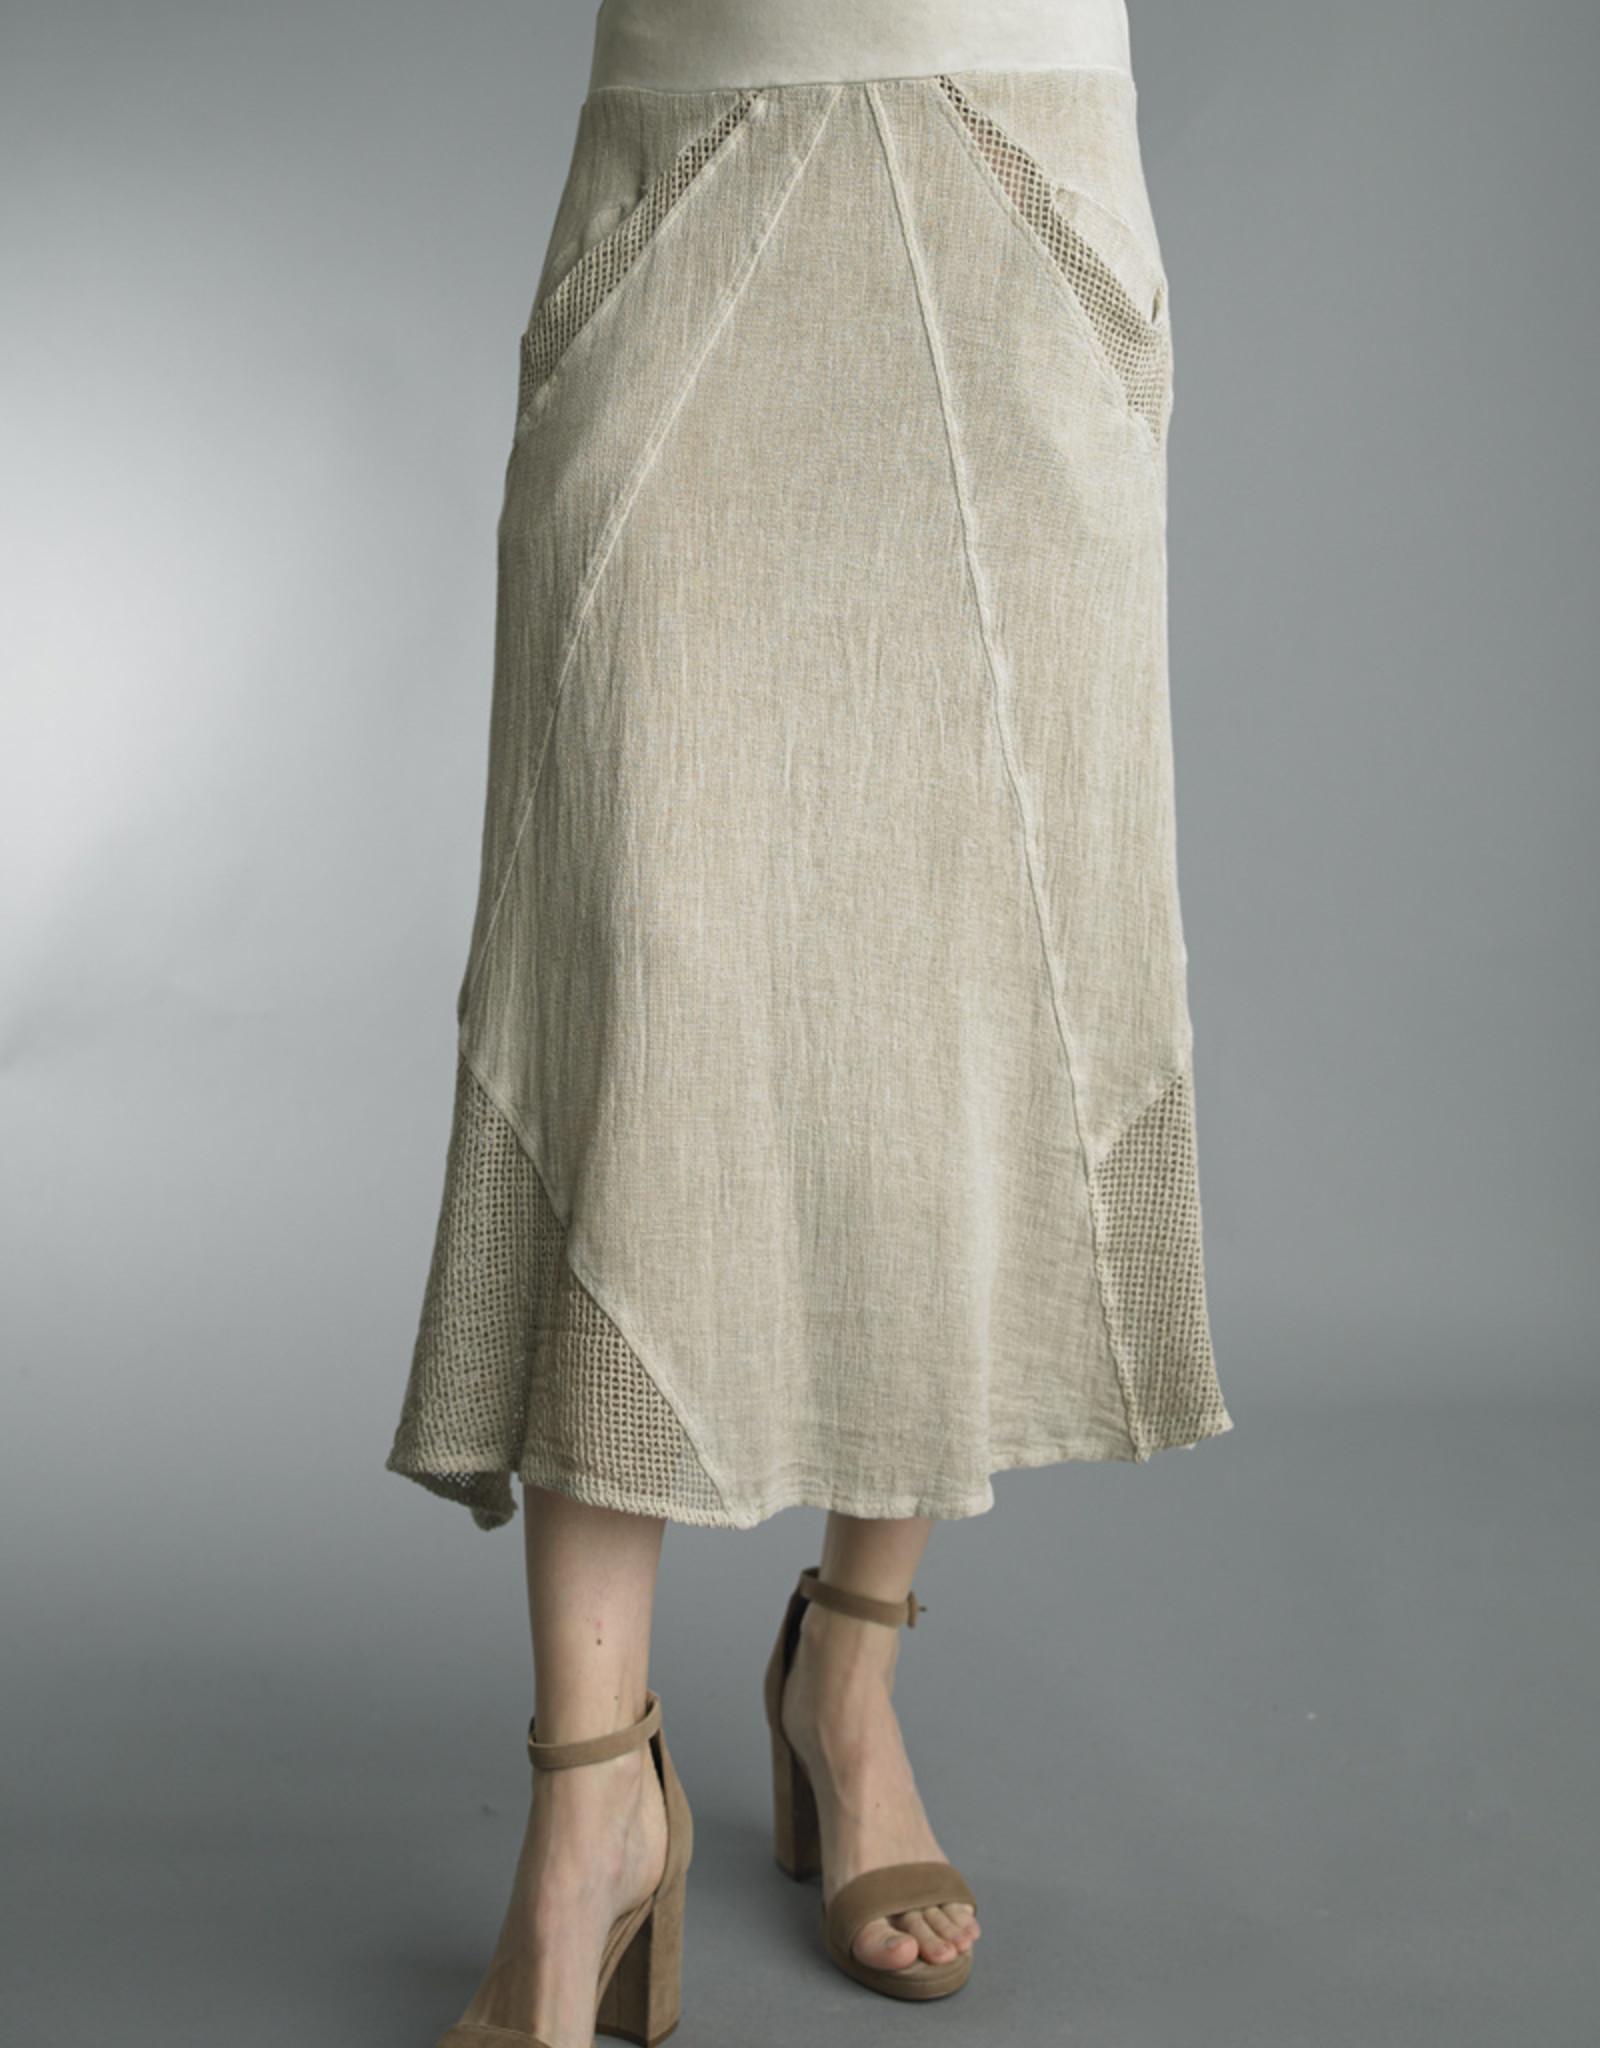 Tempo Paris Perfect Summer Linen Skirt